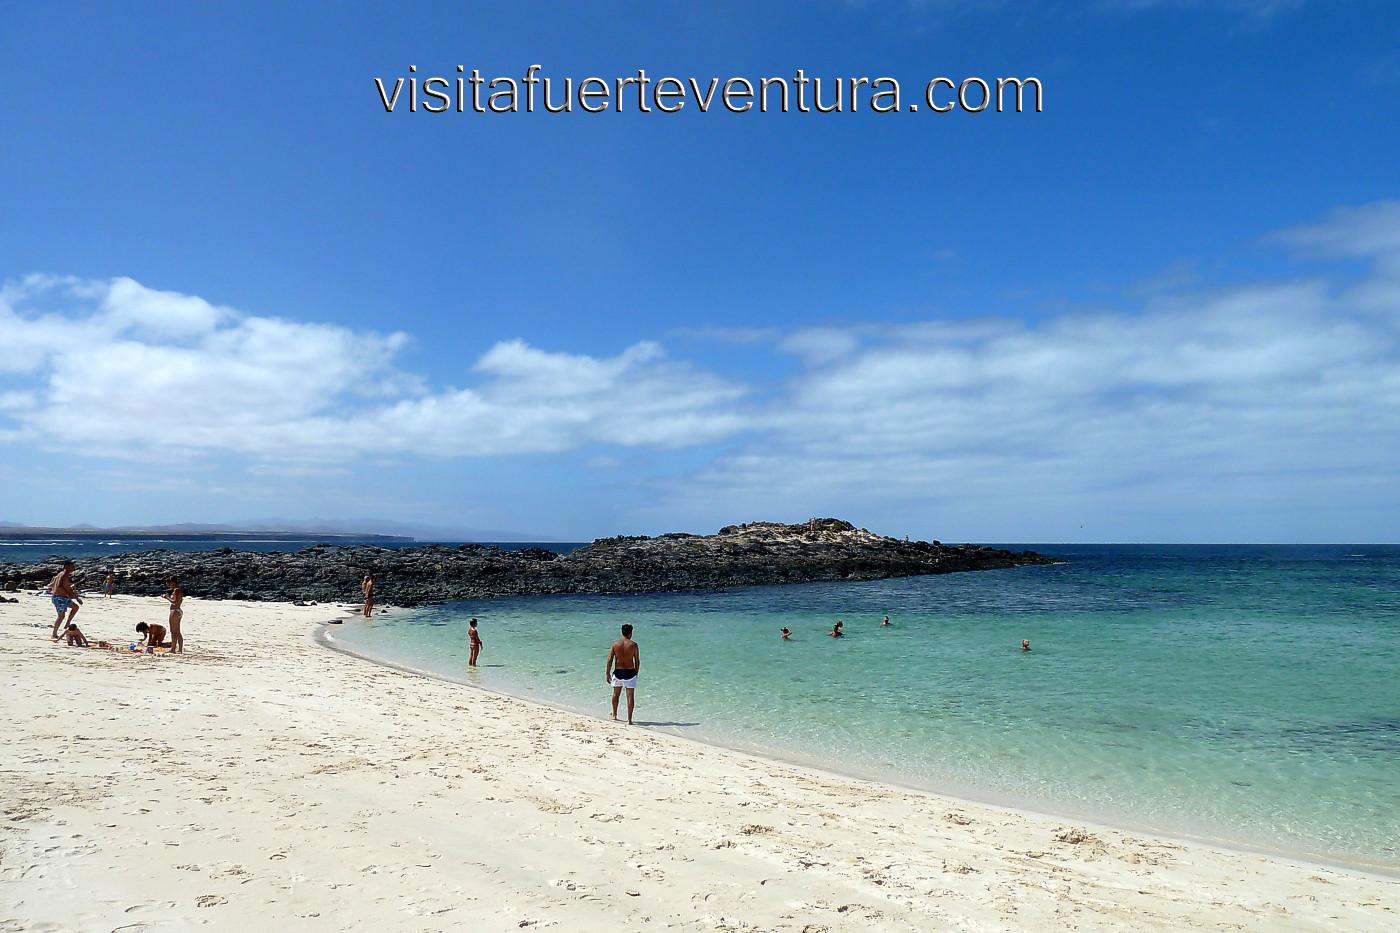 La Concha Strand, El Cotillo, Fuerteventura